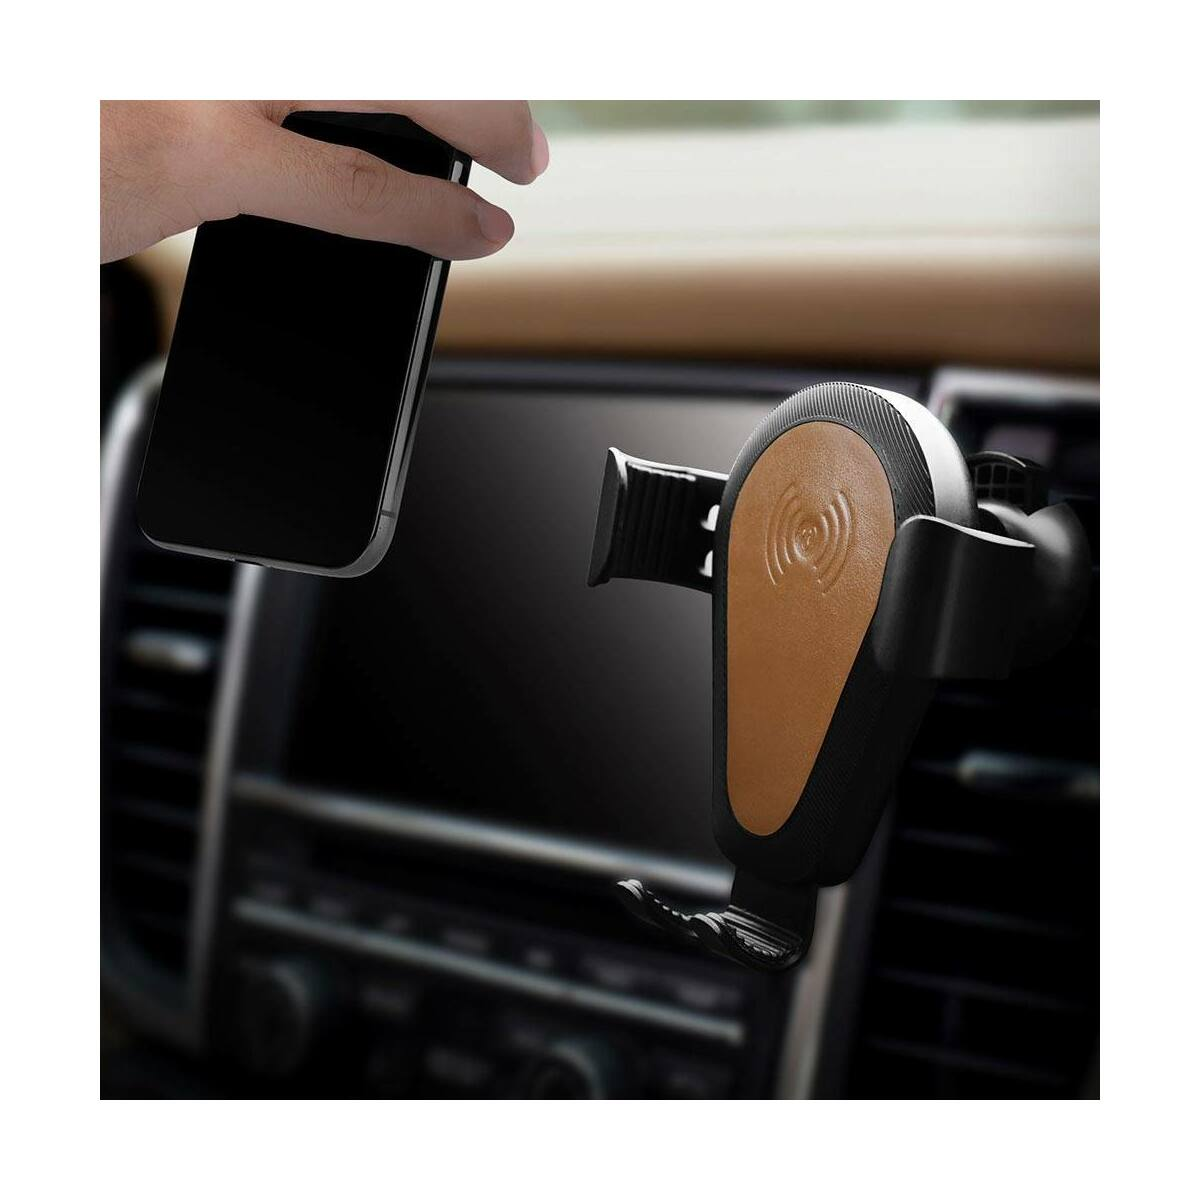 iCarer Autós telefon tartó, szellőzőrácsra helyezhető, vezetél nélküli töltés, QC 10W, valódi bőr betéttel, fekete